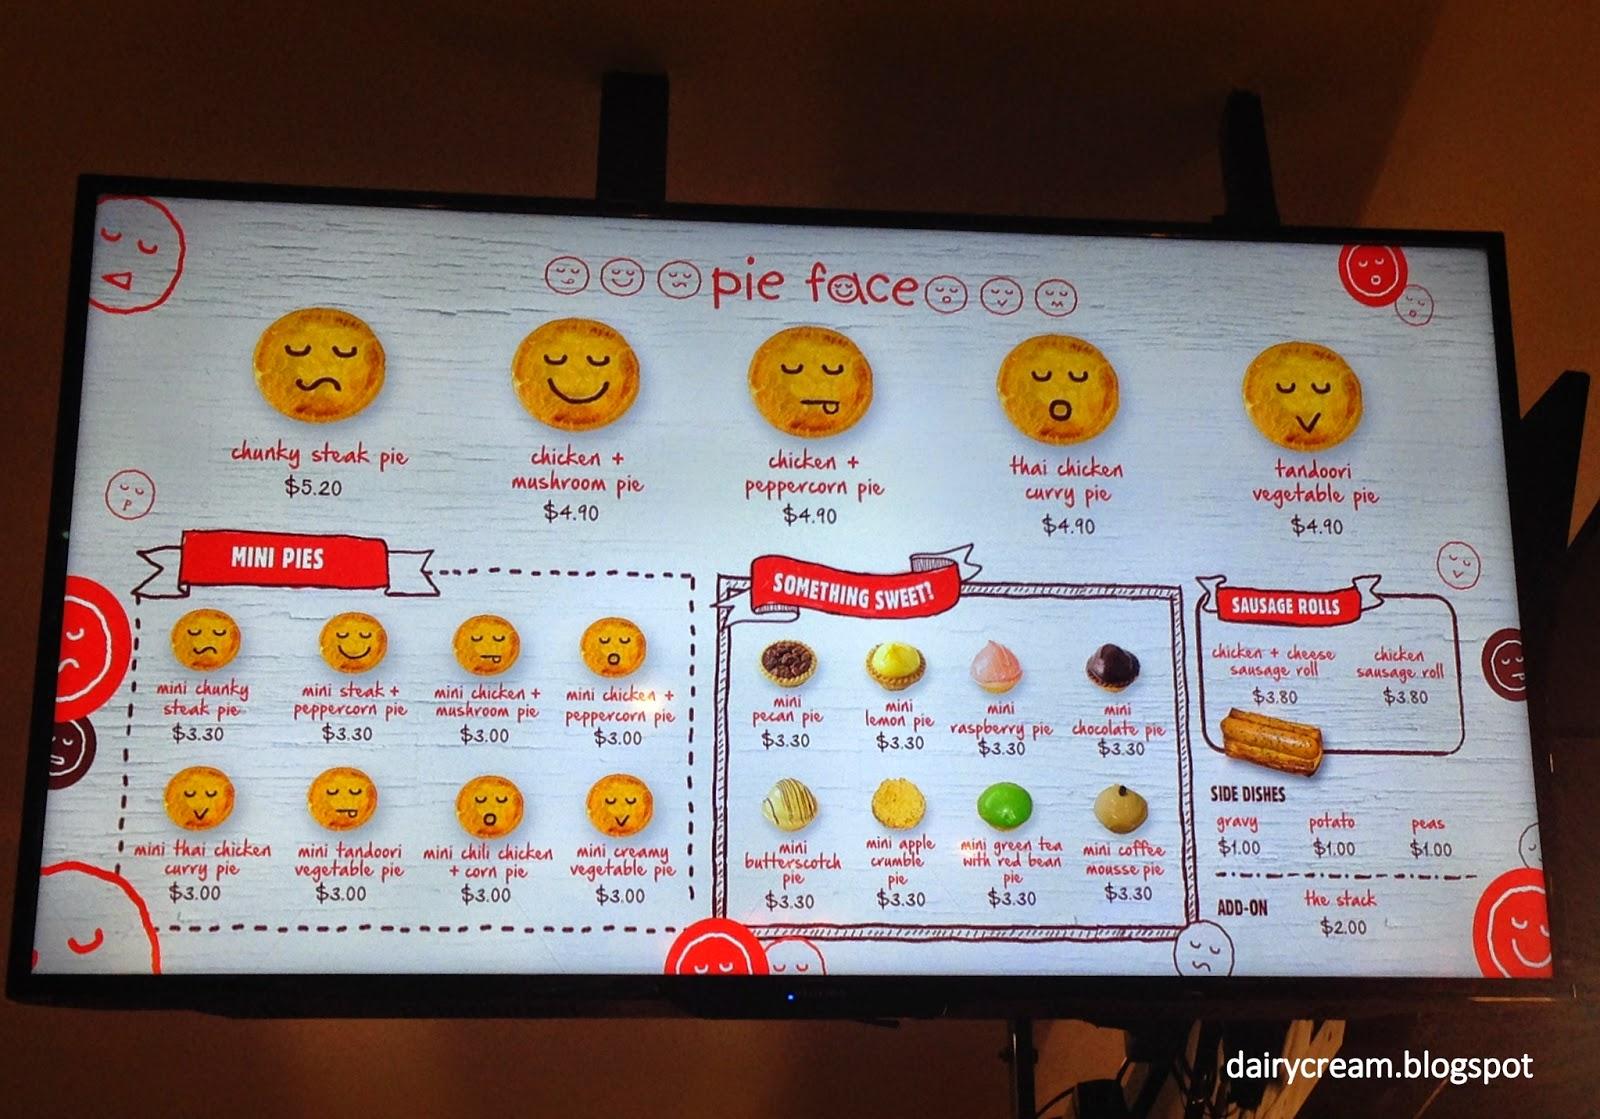 Food Purveyor Price List